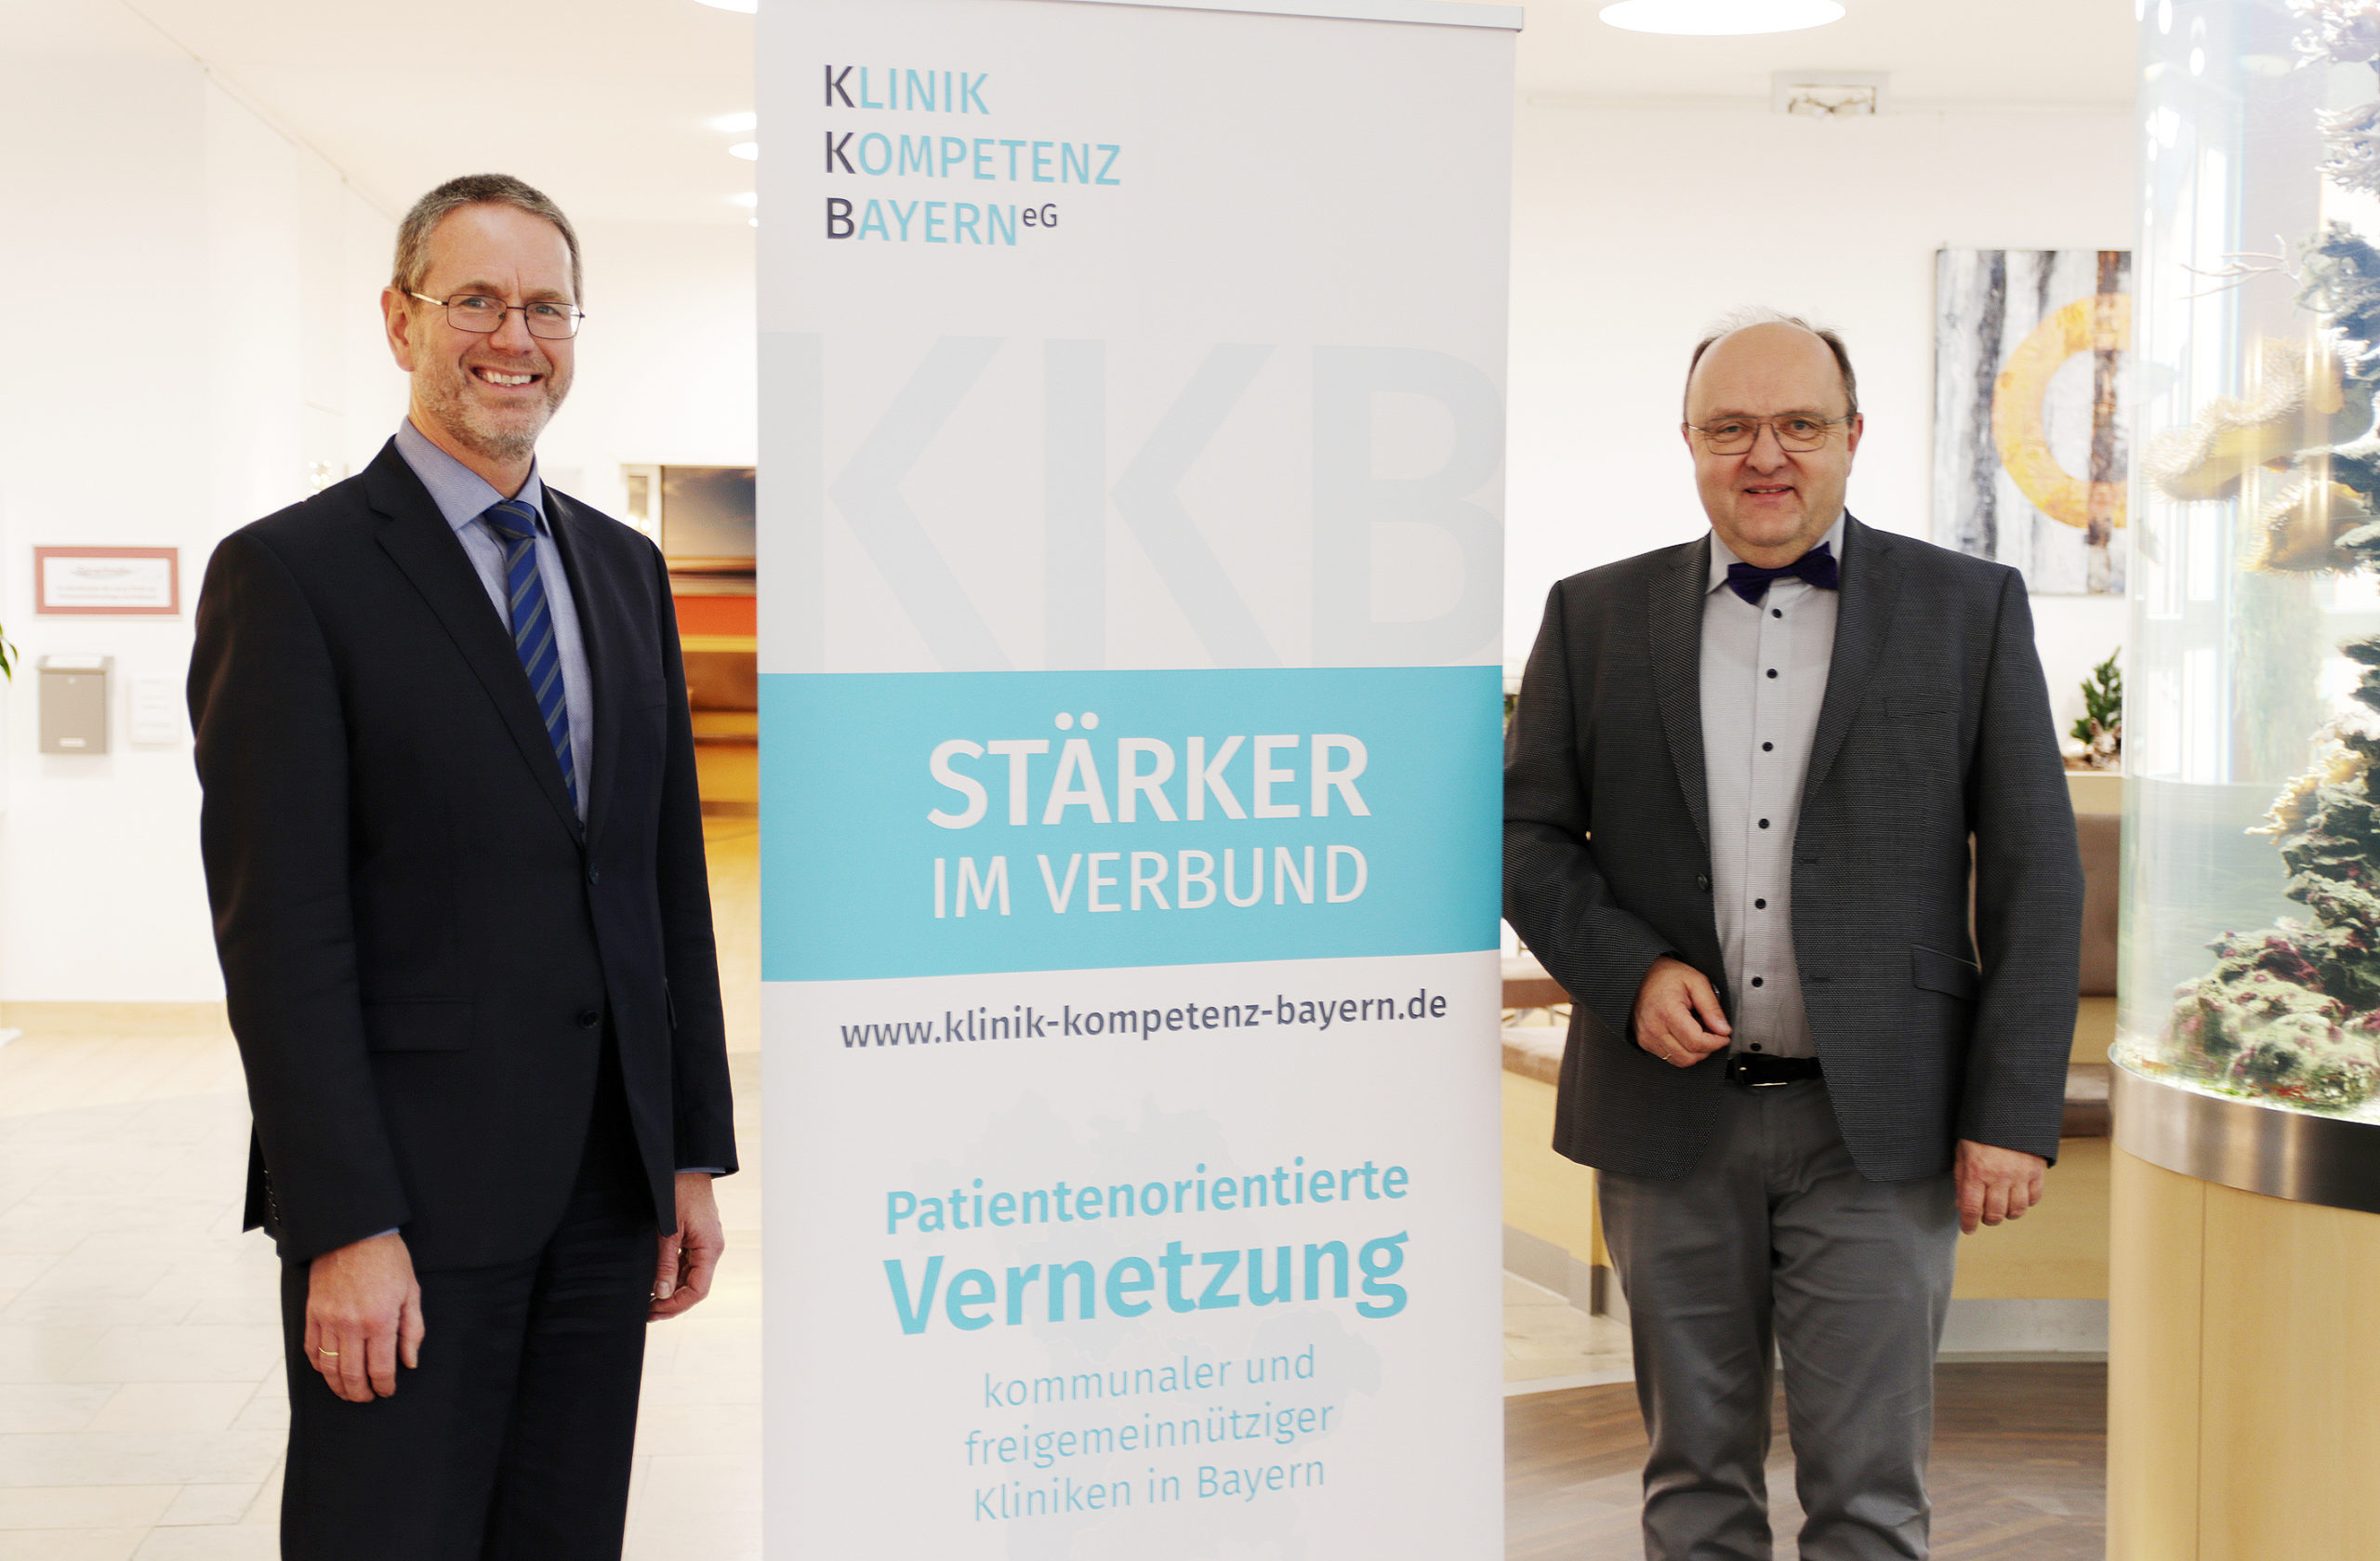 Staffelstab-Übergabe: Martin Stapper neues Vorstandsmitglied der Klinik-Kompetenz-Bayern eG